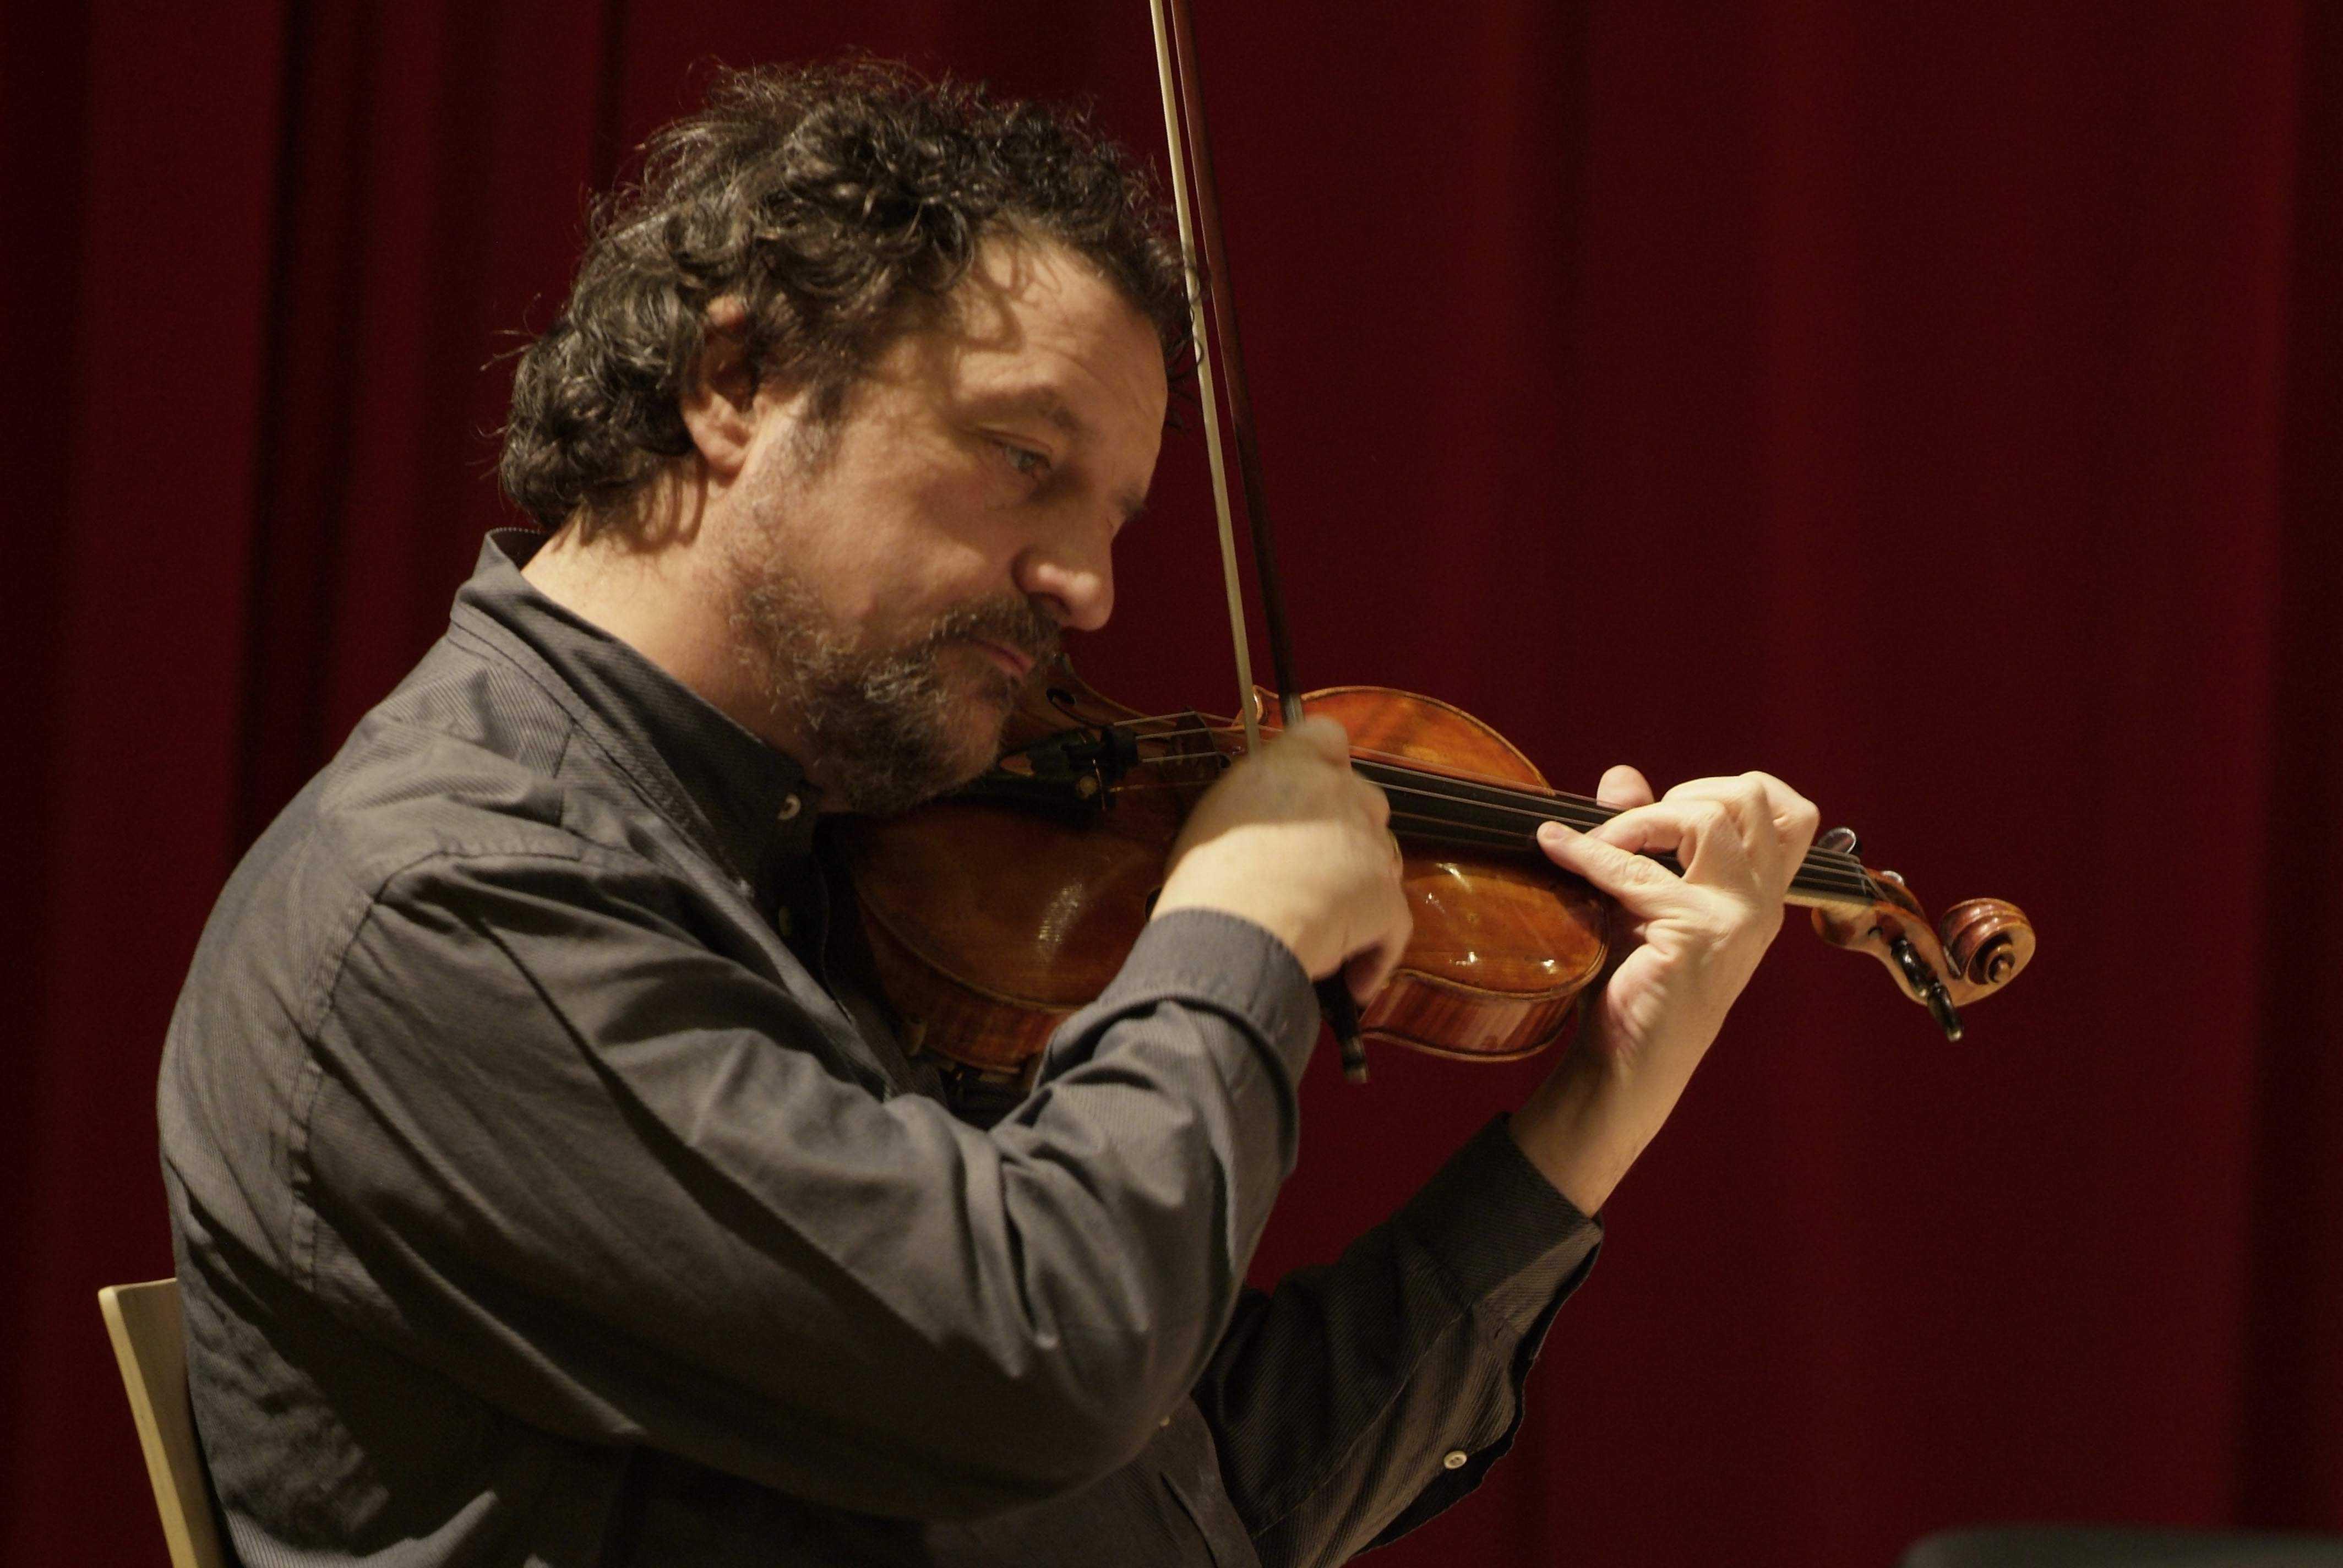 УПавла Верникова впоезде украли скрипку Гваданини 1747 года